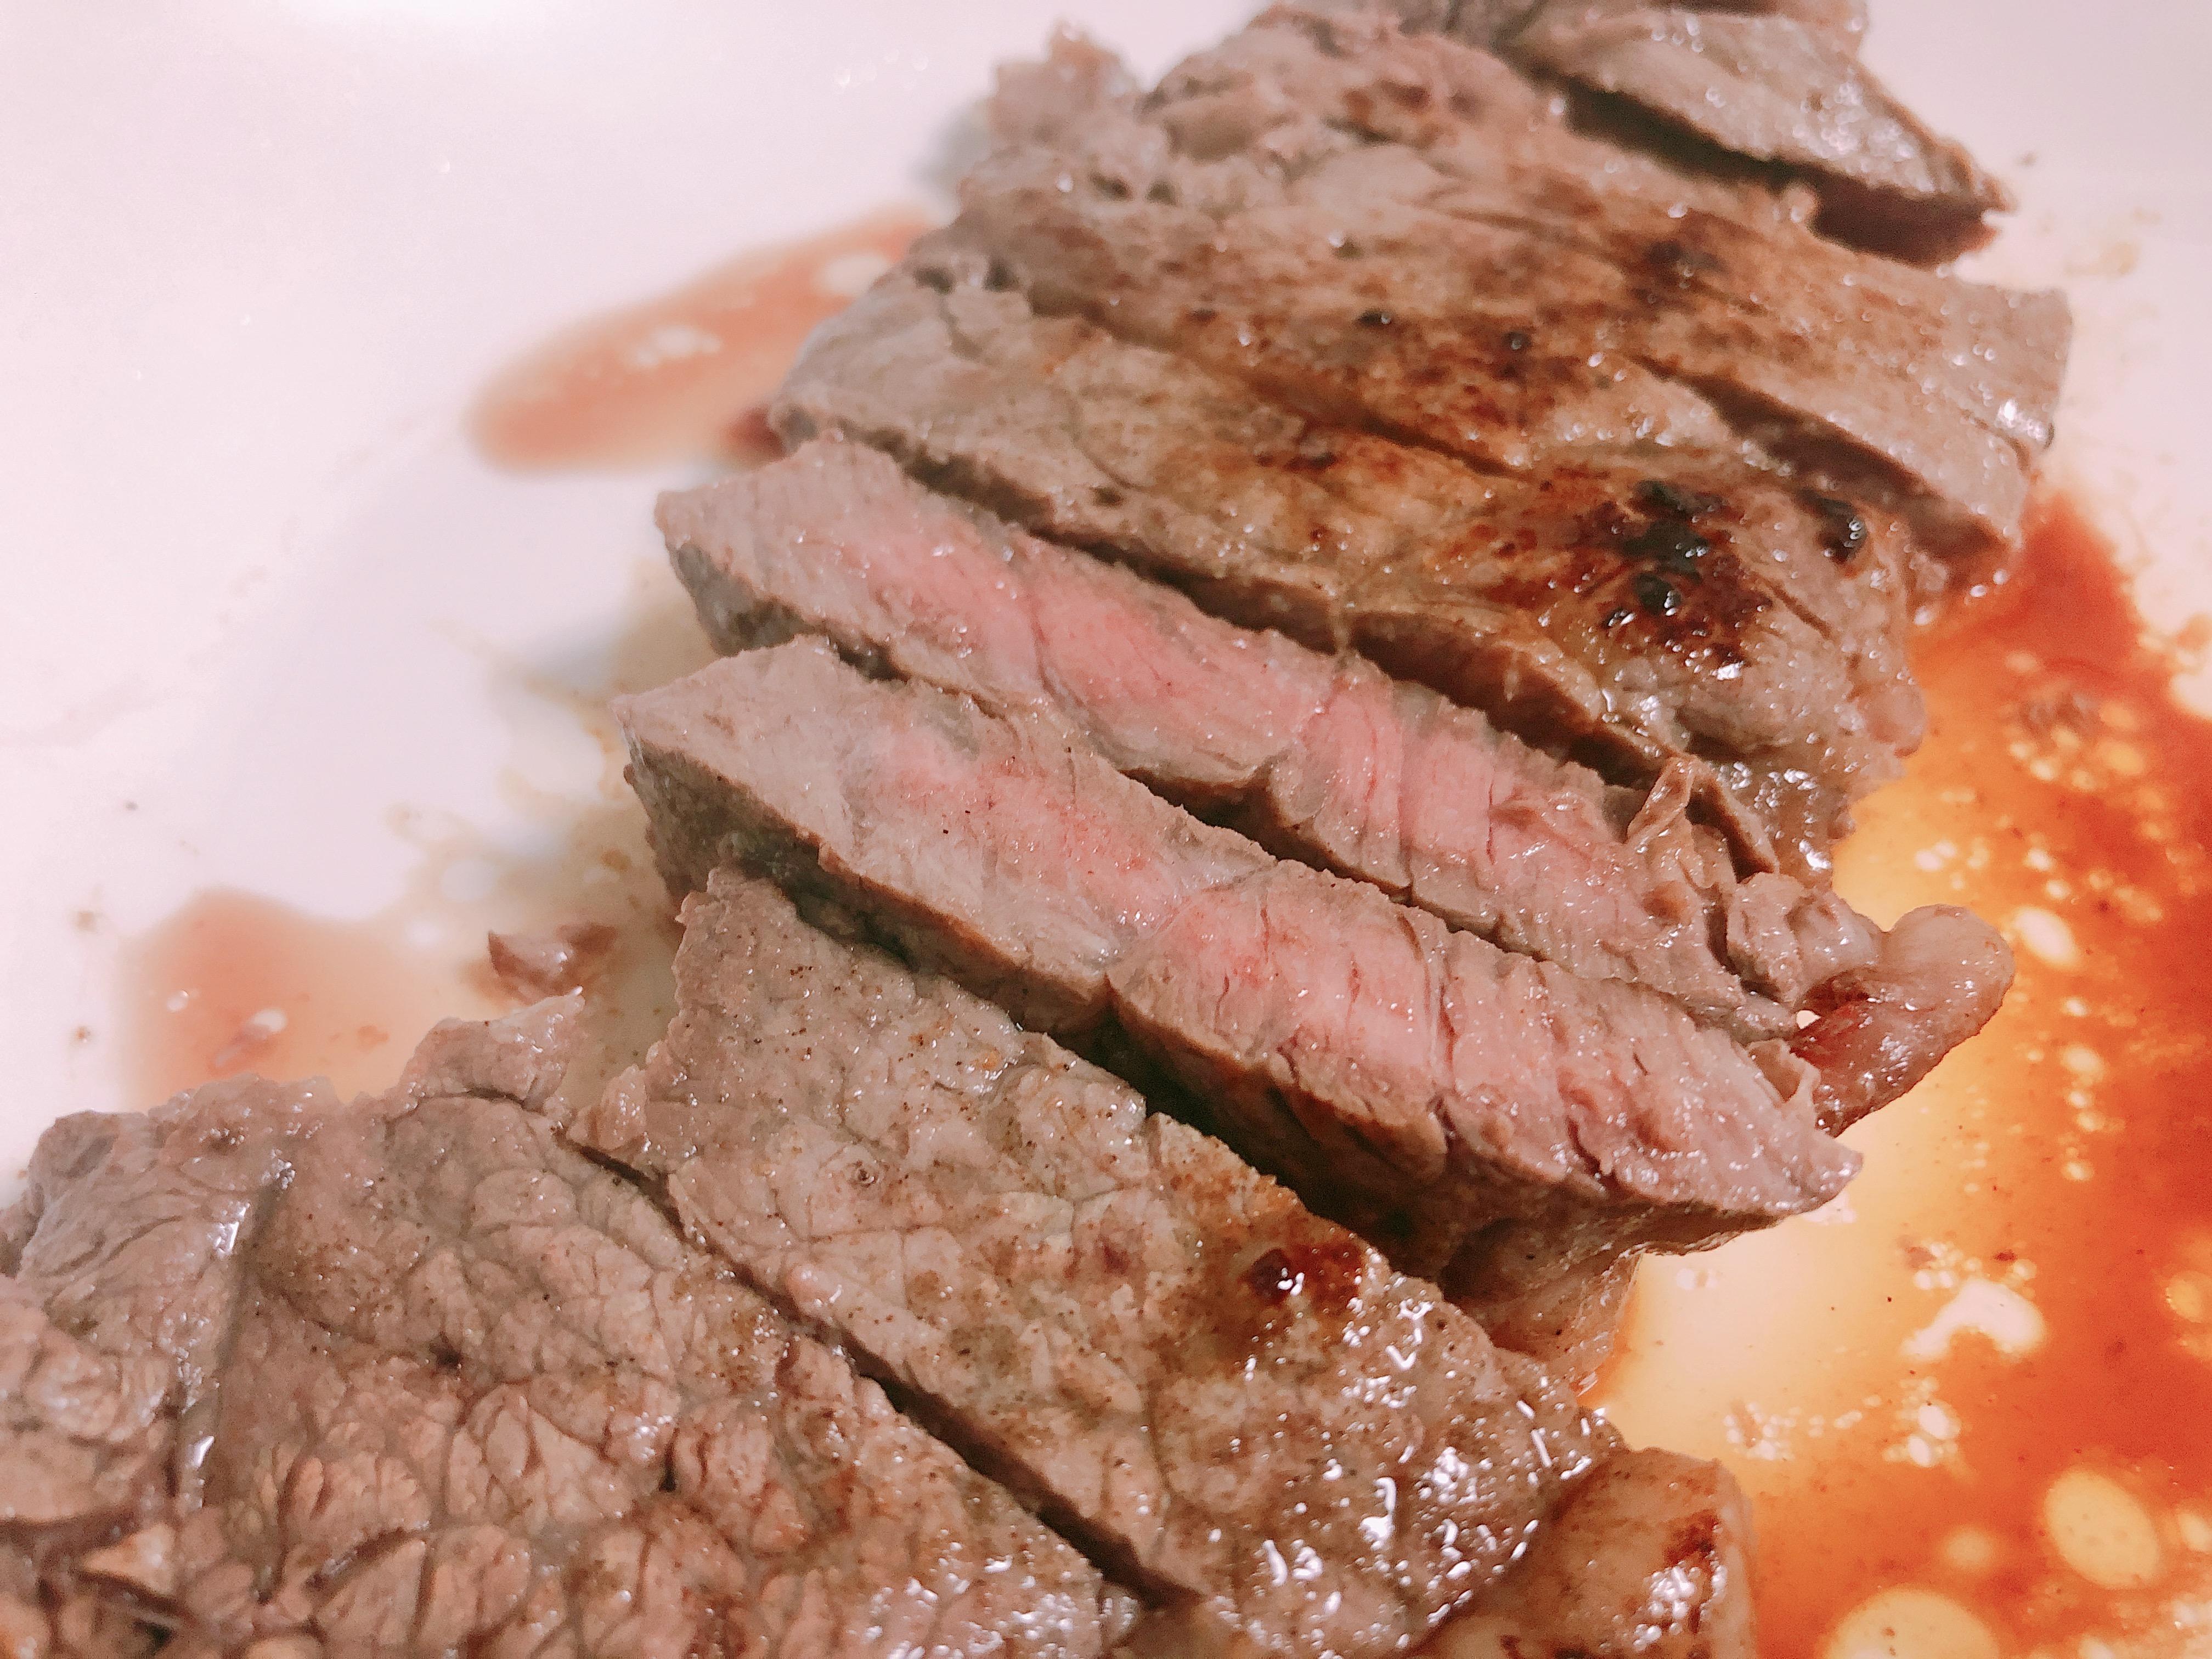 ライザップ19日目の食事。ステーキが美味すぎて糖質制限が苦じゃない件